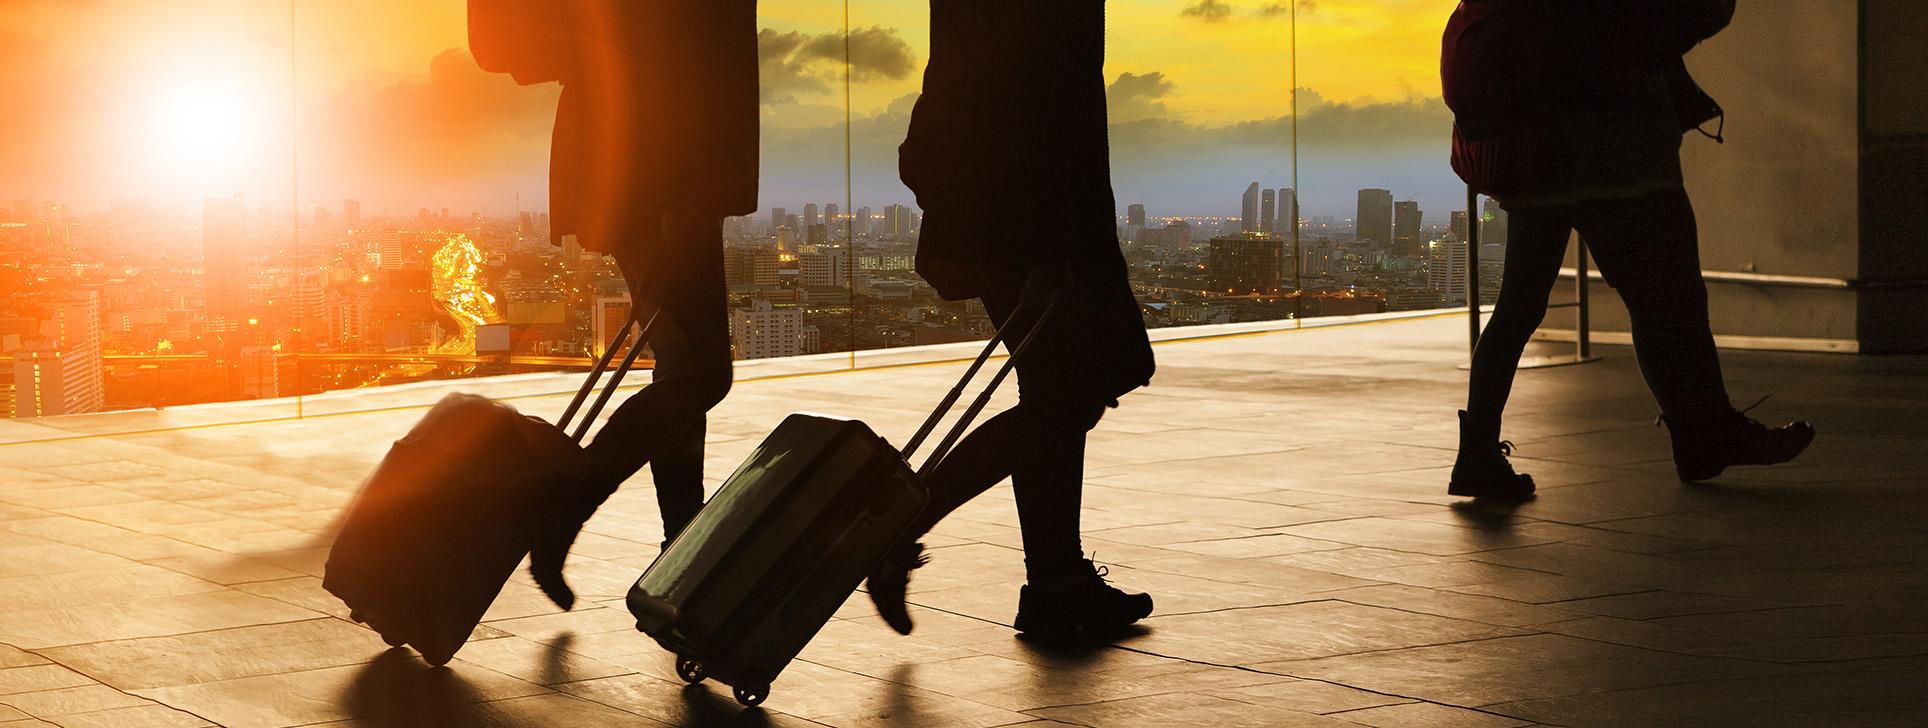 Transfert aéroport chauffeur privé | Lyon, Genève, Marseille | Alpes Transfair